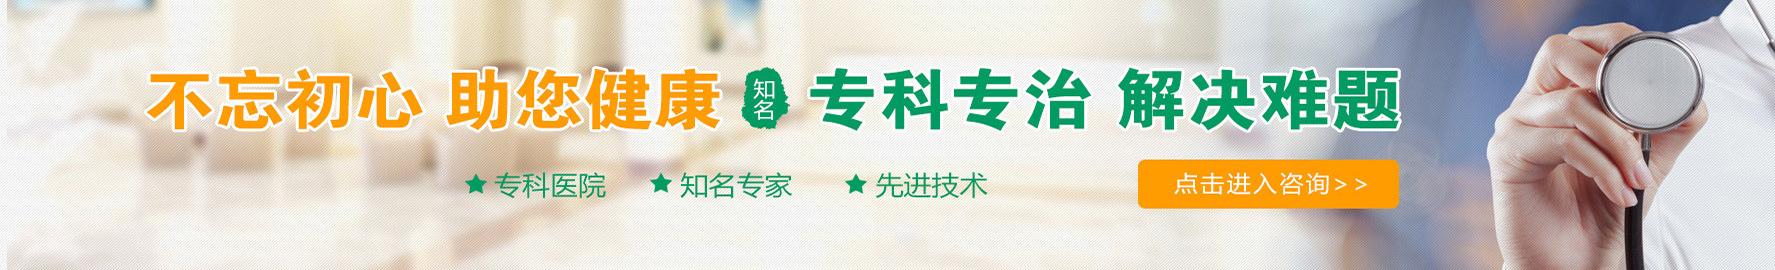 广州复大医院